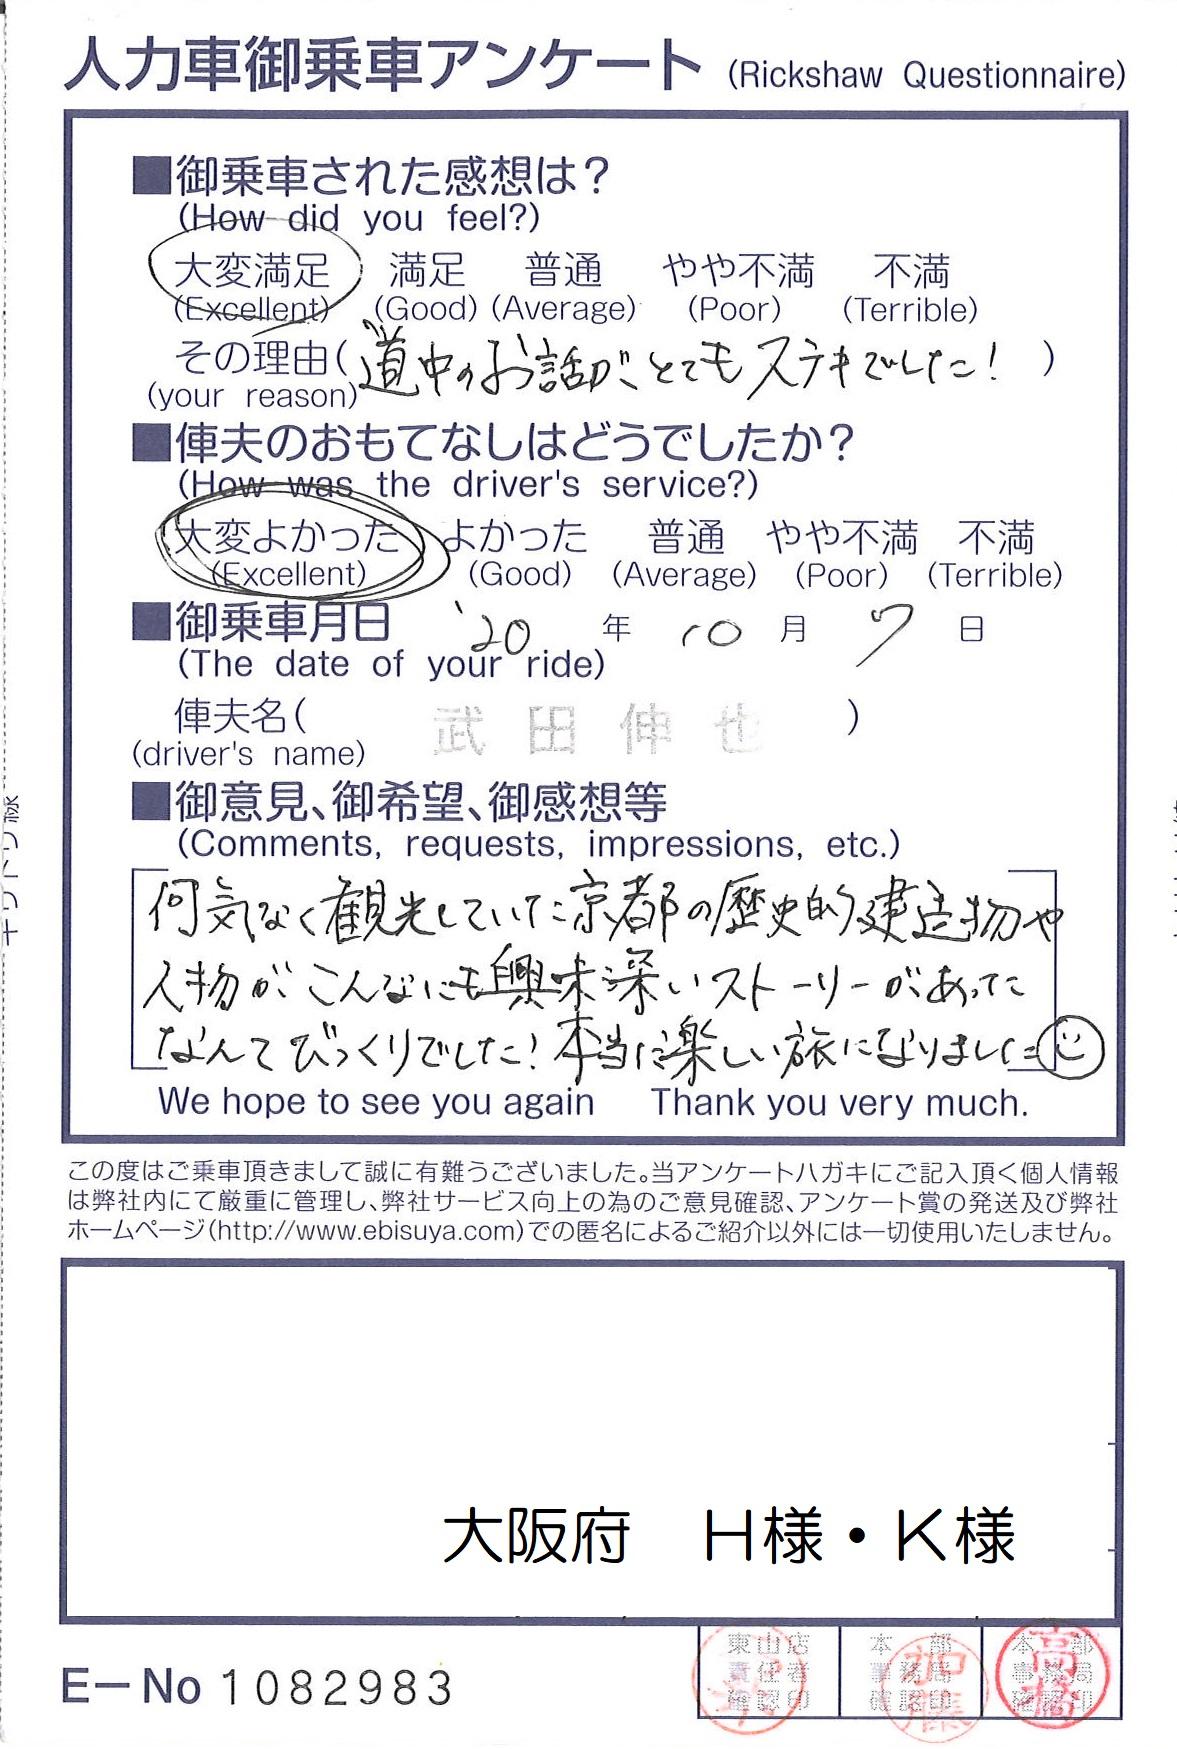 大阪府 H様・K様